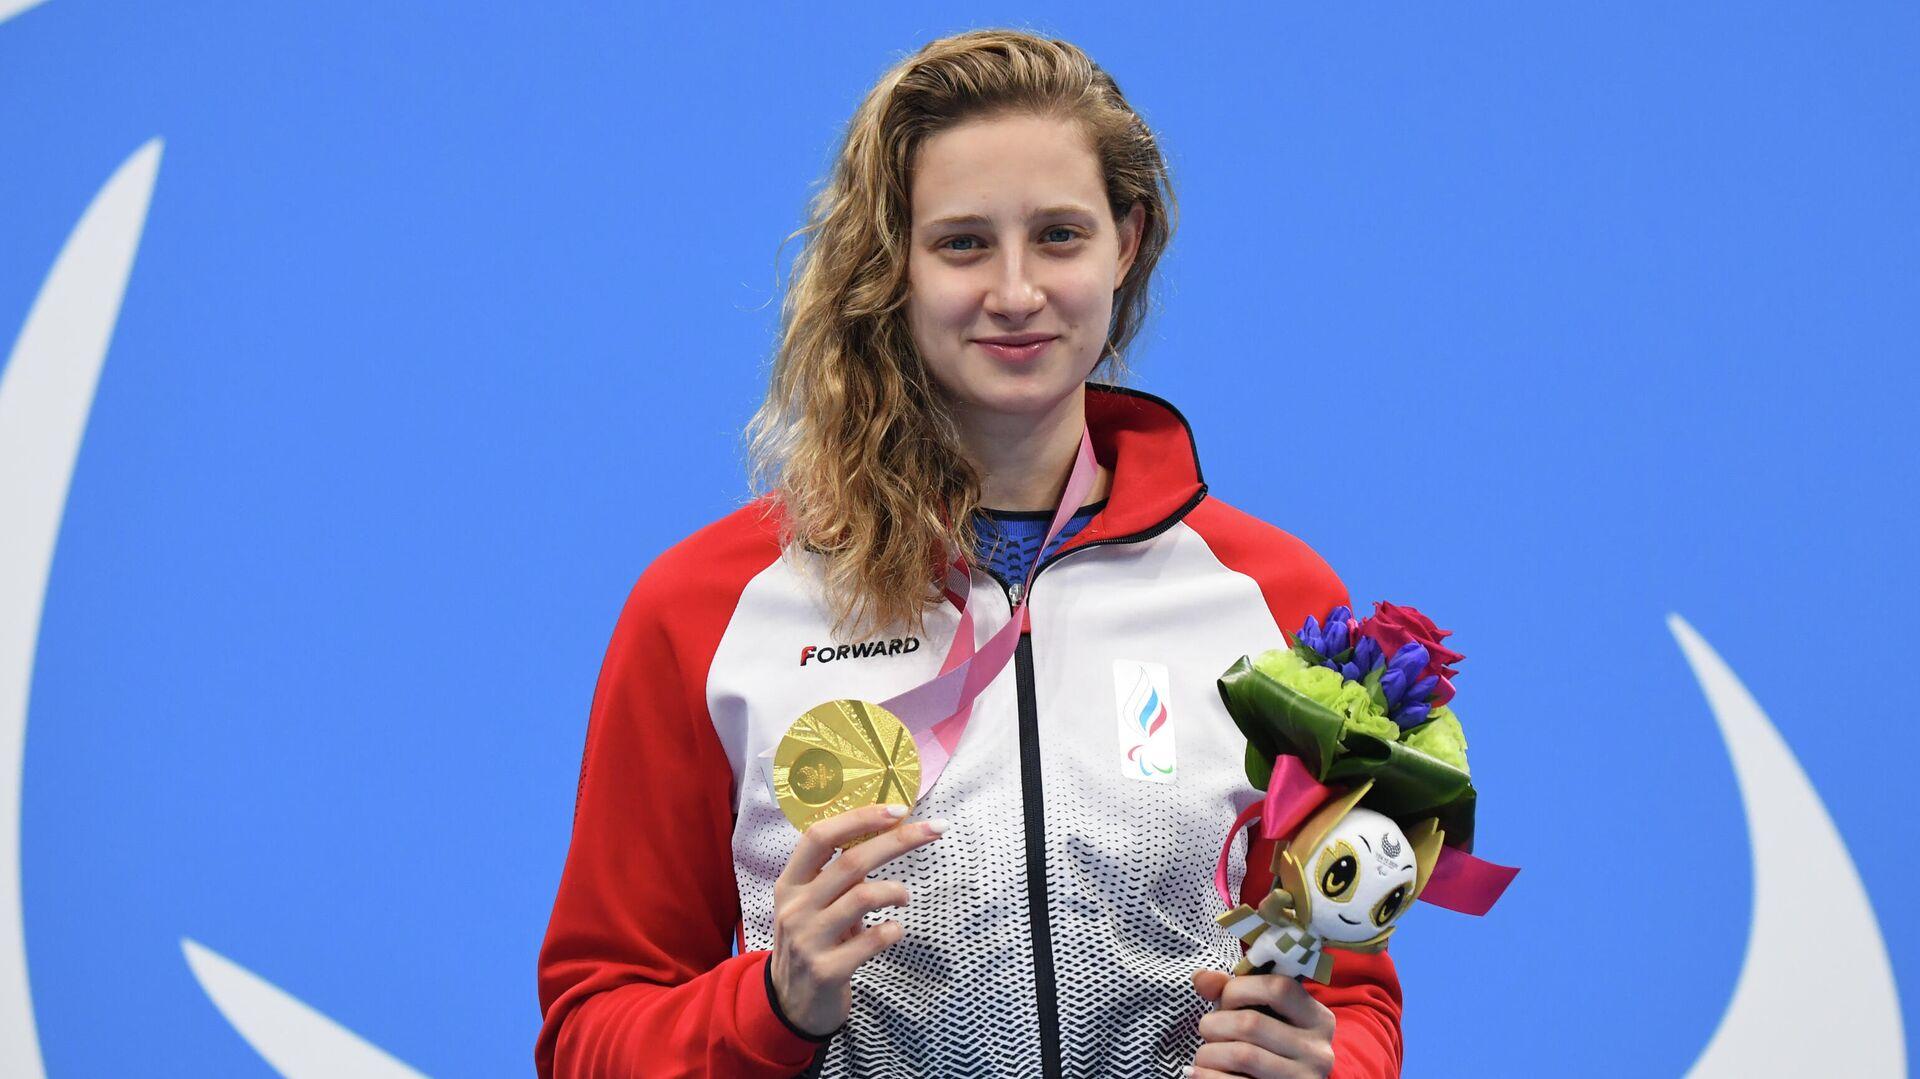 Валерия Шабалина, завоевавшая золотую медаль в плавании на 200 метров комплексом среди женщин в классе SM14 на XVI летних Паралимпийских играх - РИА Новости, 1920, 31.08.2021